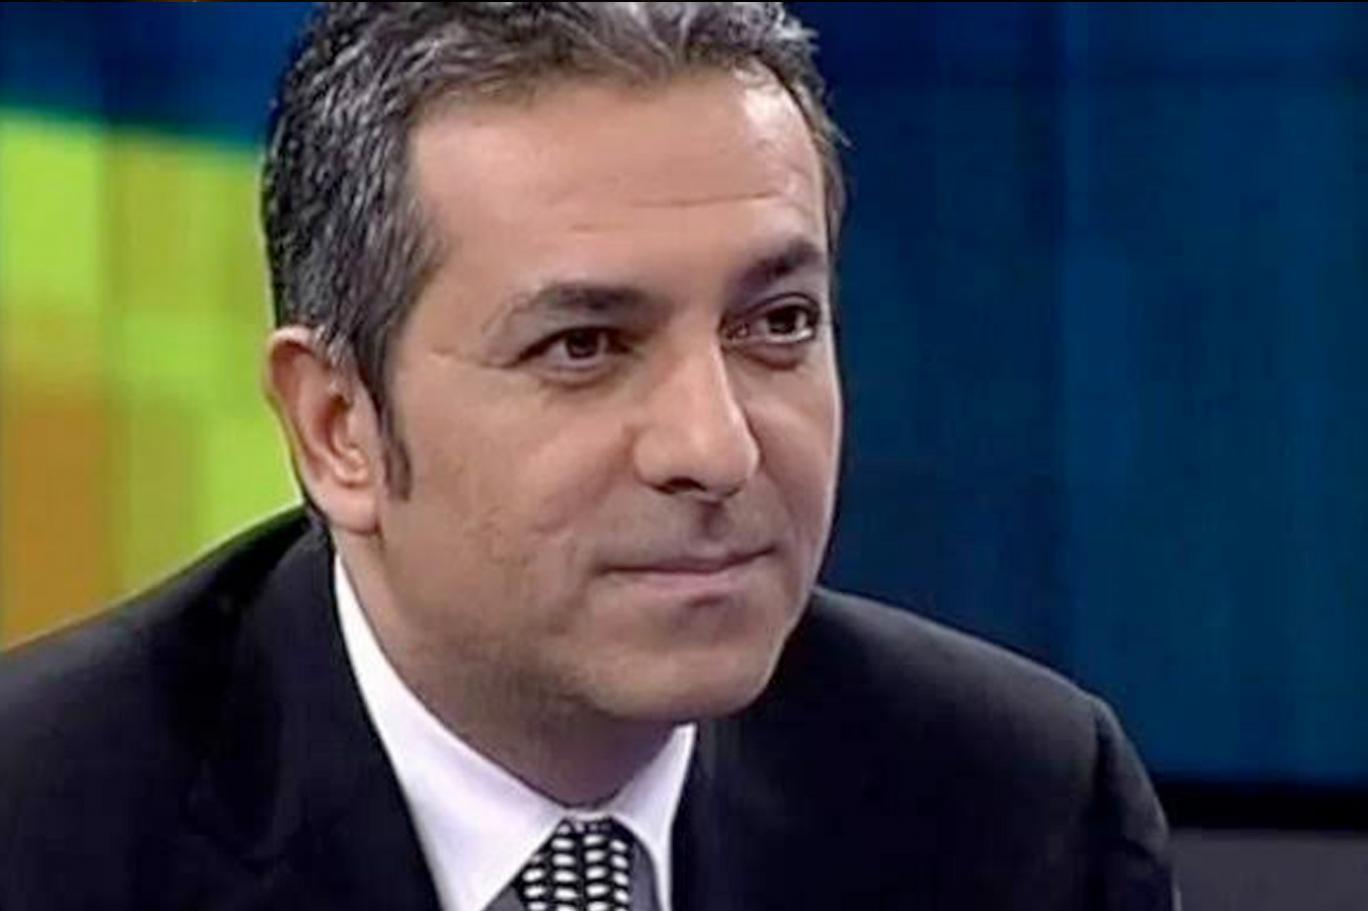 Akif Beki: Arabistan iki vatandaşımızı haksız tutuklasa, İstanbul'da sokaktan Arap mı toplayacak polis? | Independent Türkçe